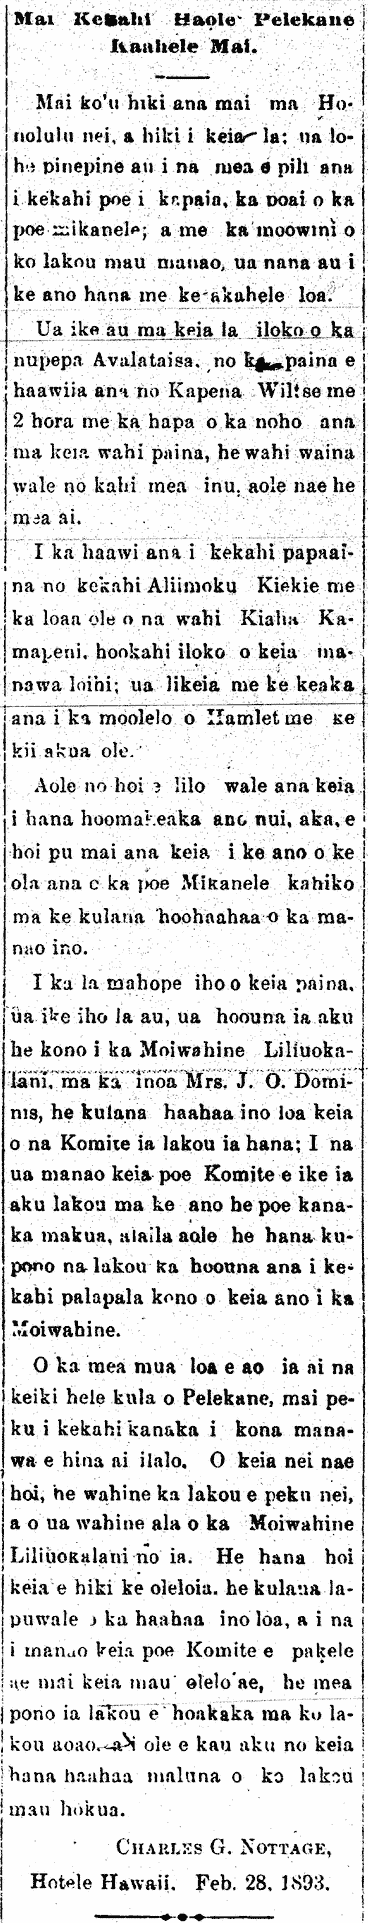 Mai Kekahi Haole Pelekane Kaahele Mai.